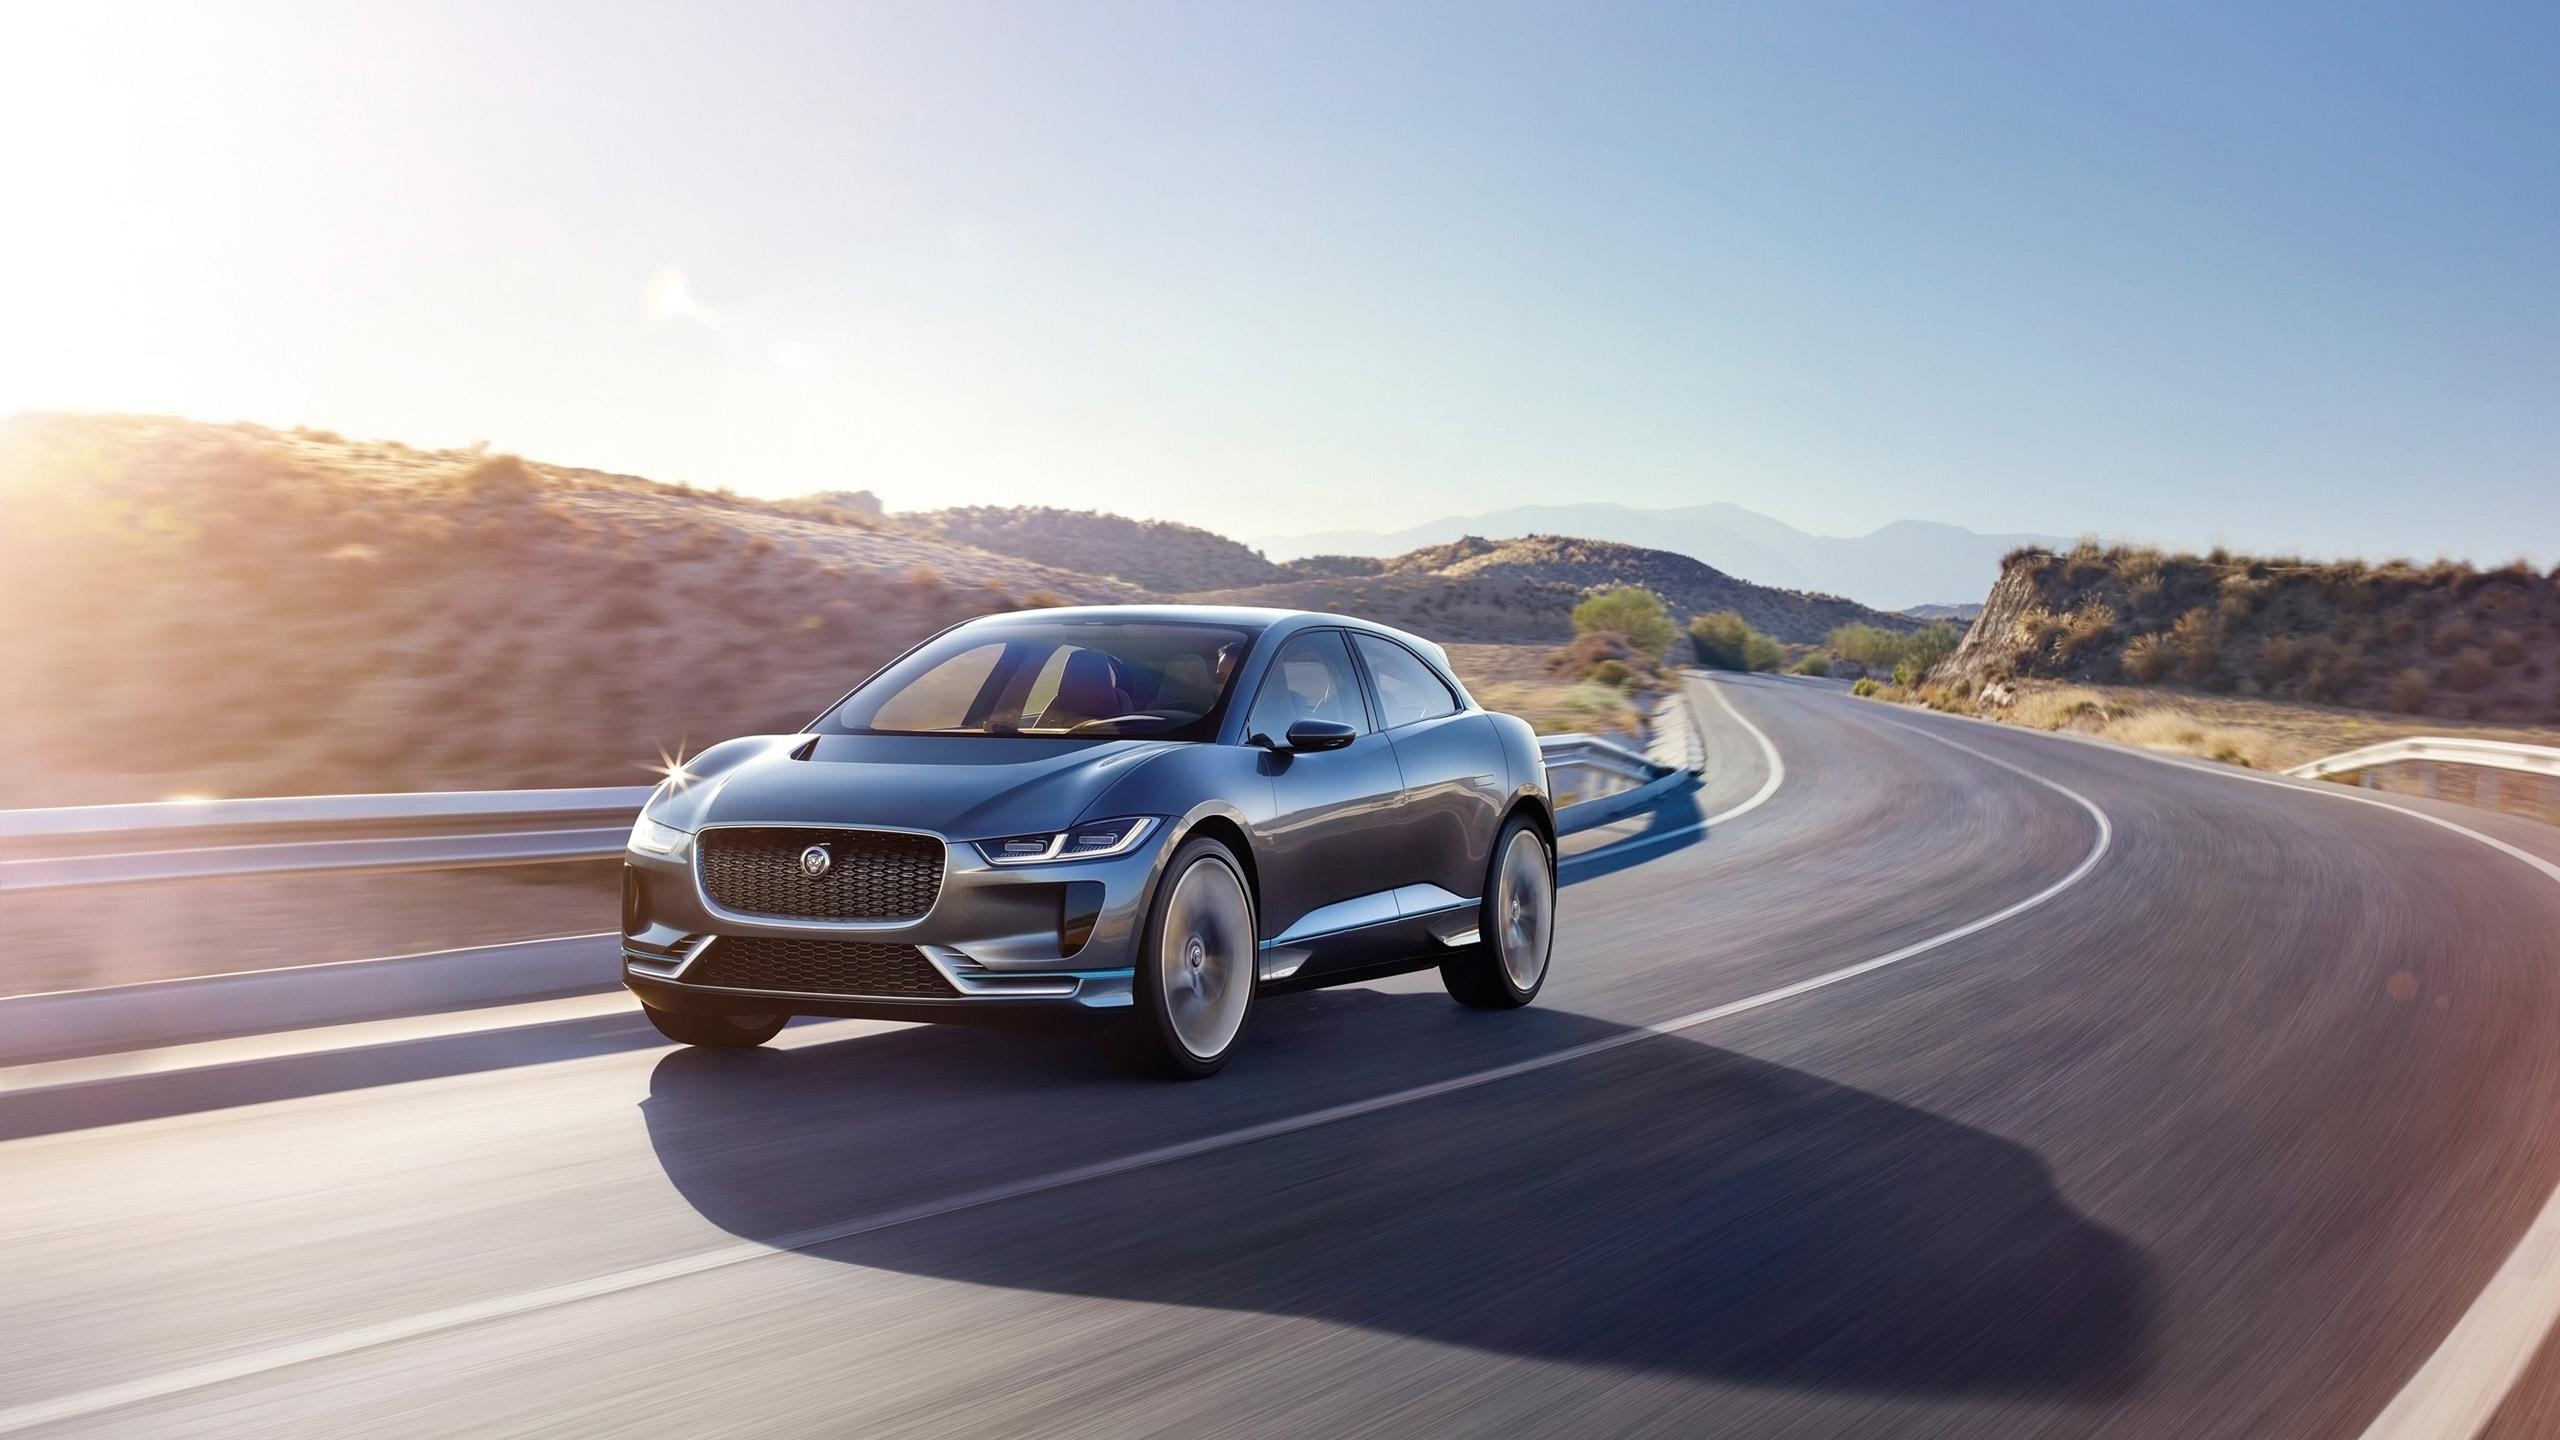 2018 Jaguar I Pace Concept Wallpaper | HD Car Wallpapers ...